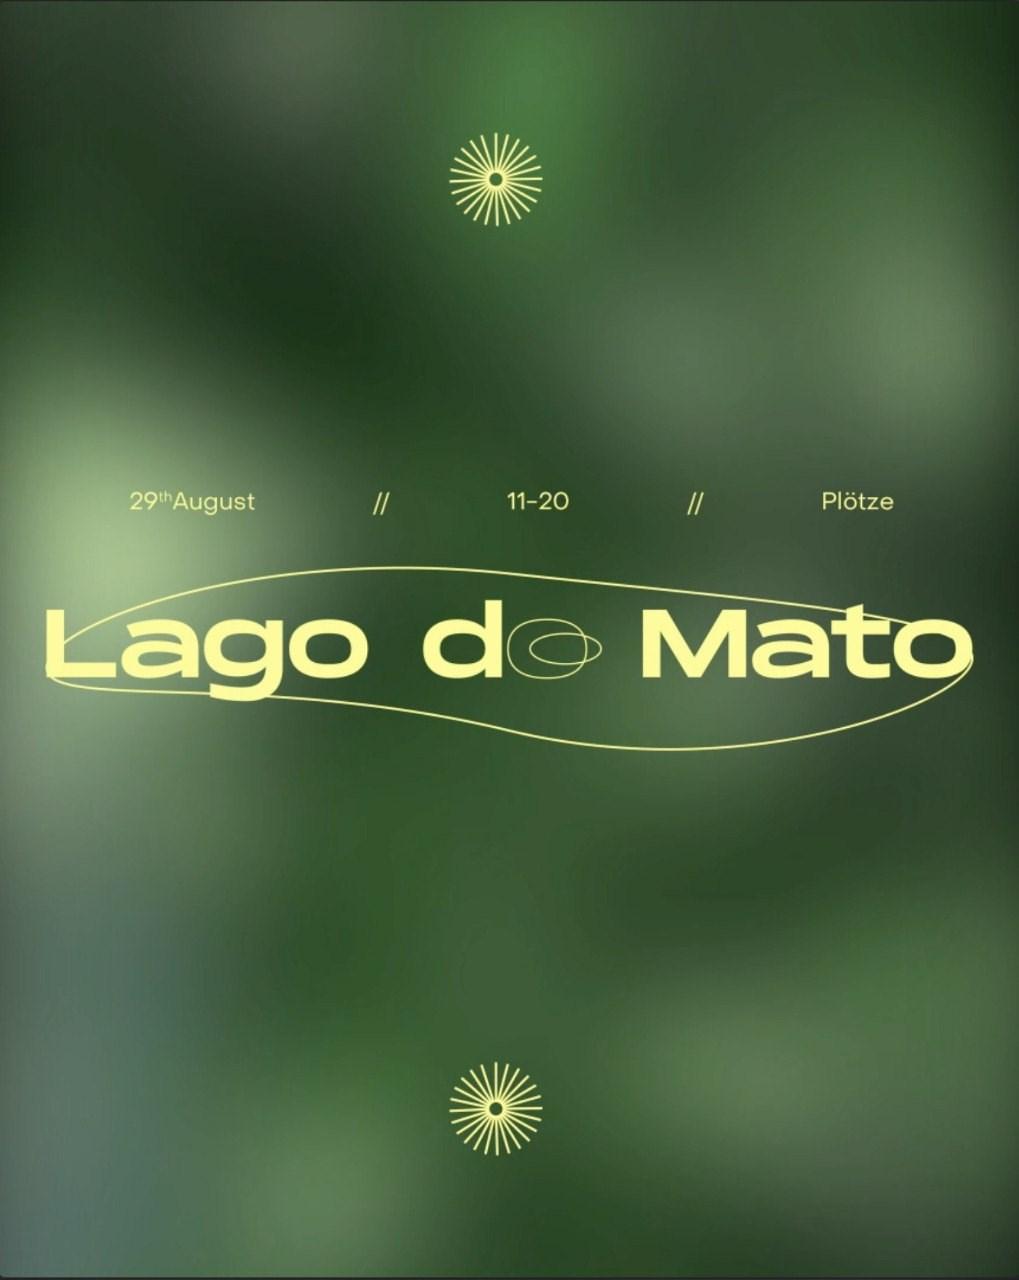 O MATO - Lago do Mato - Flyer front